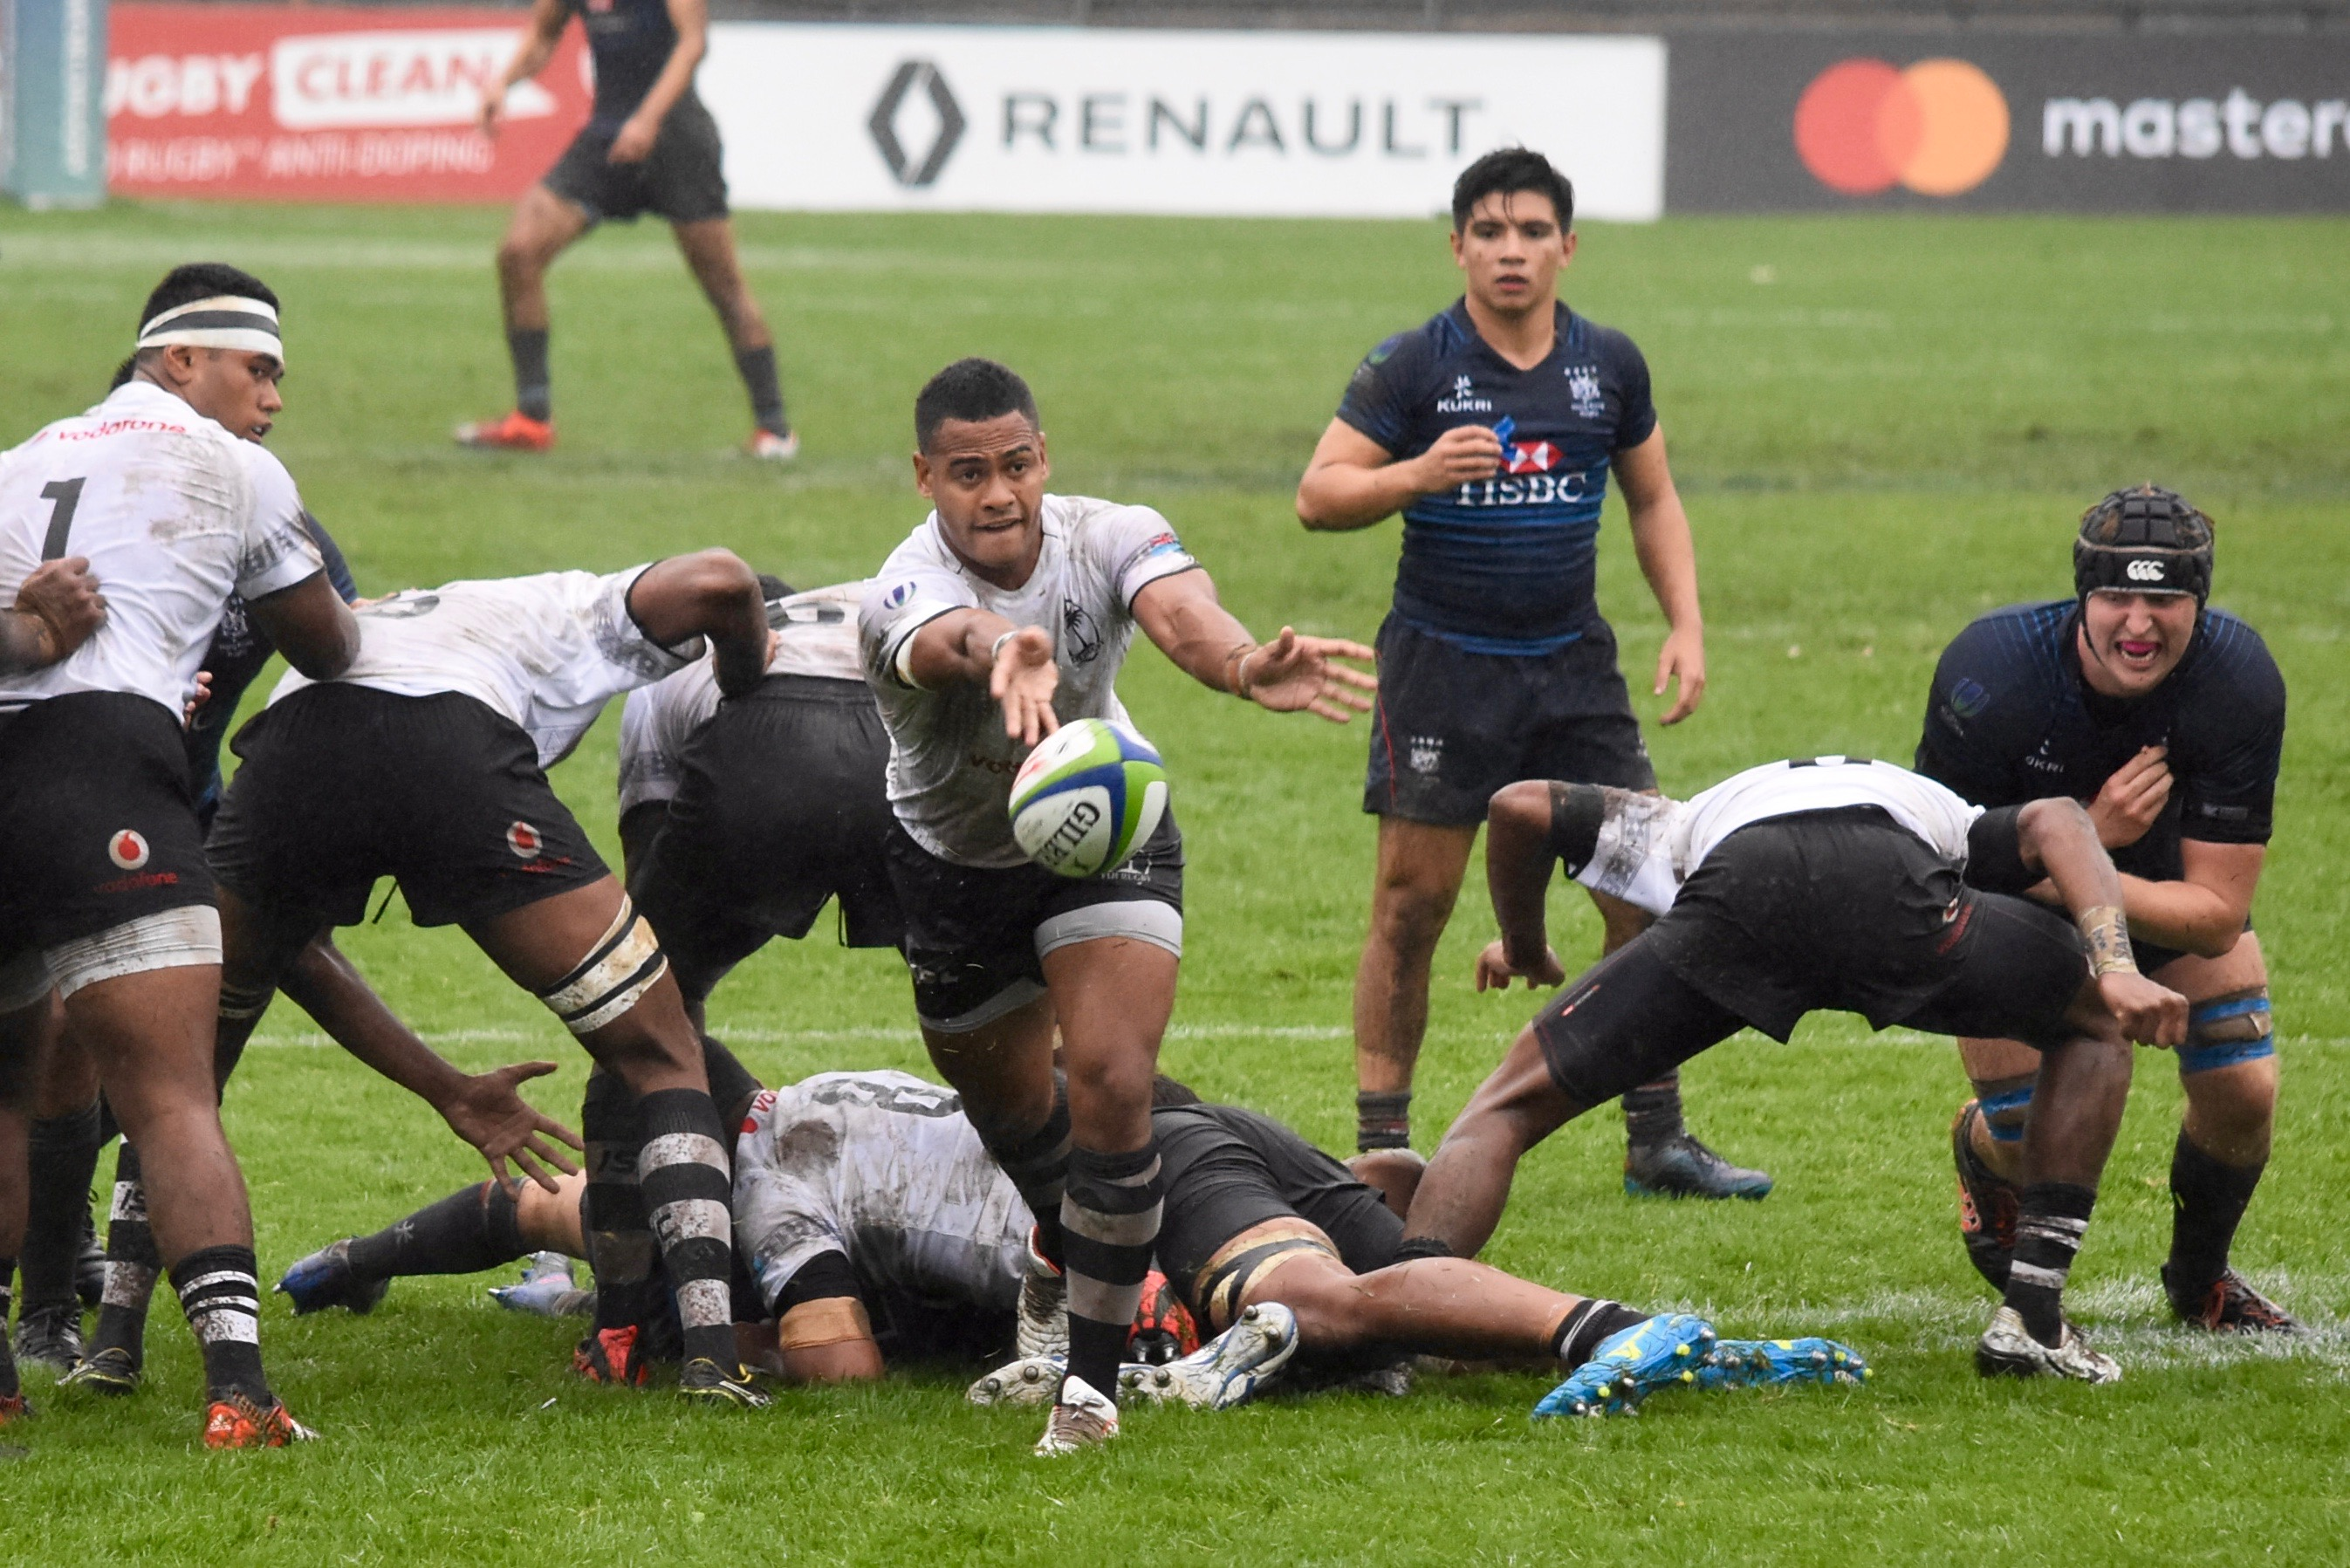 Fiji venció a Hong Kong en el último partido del día